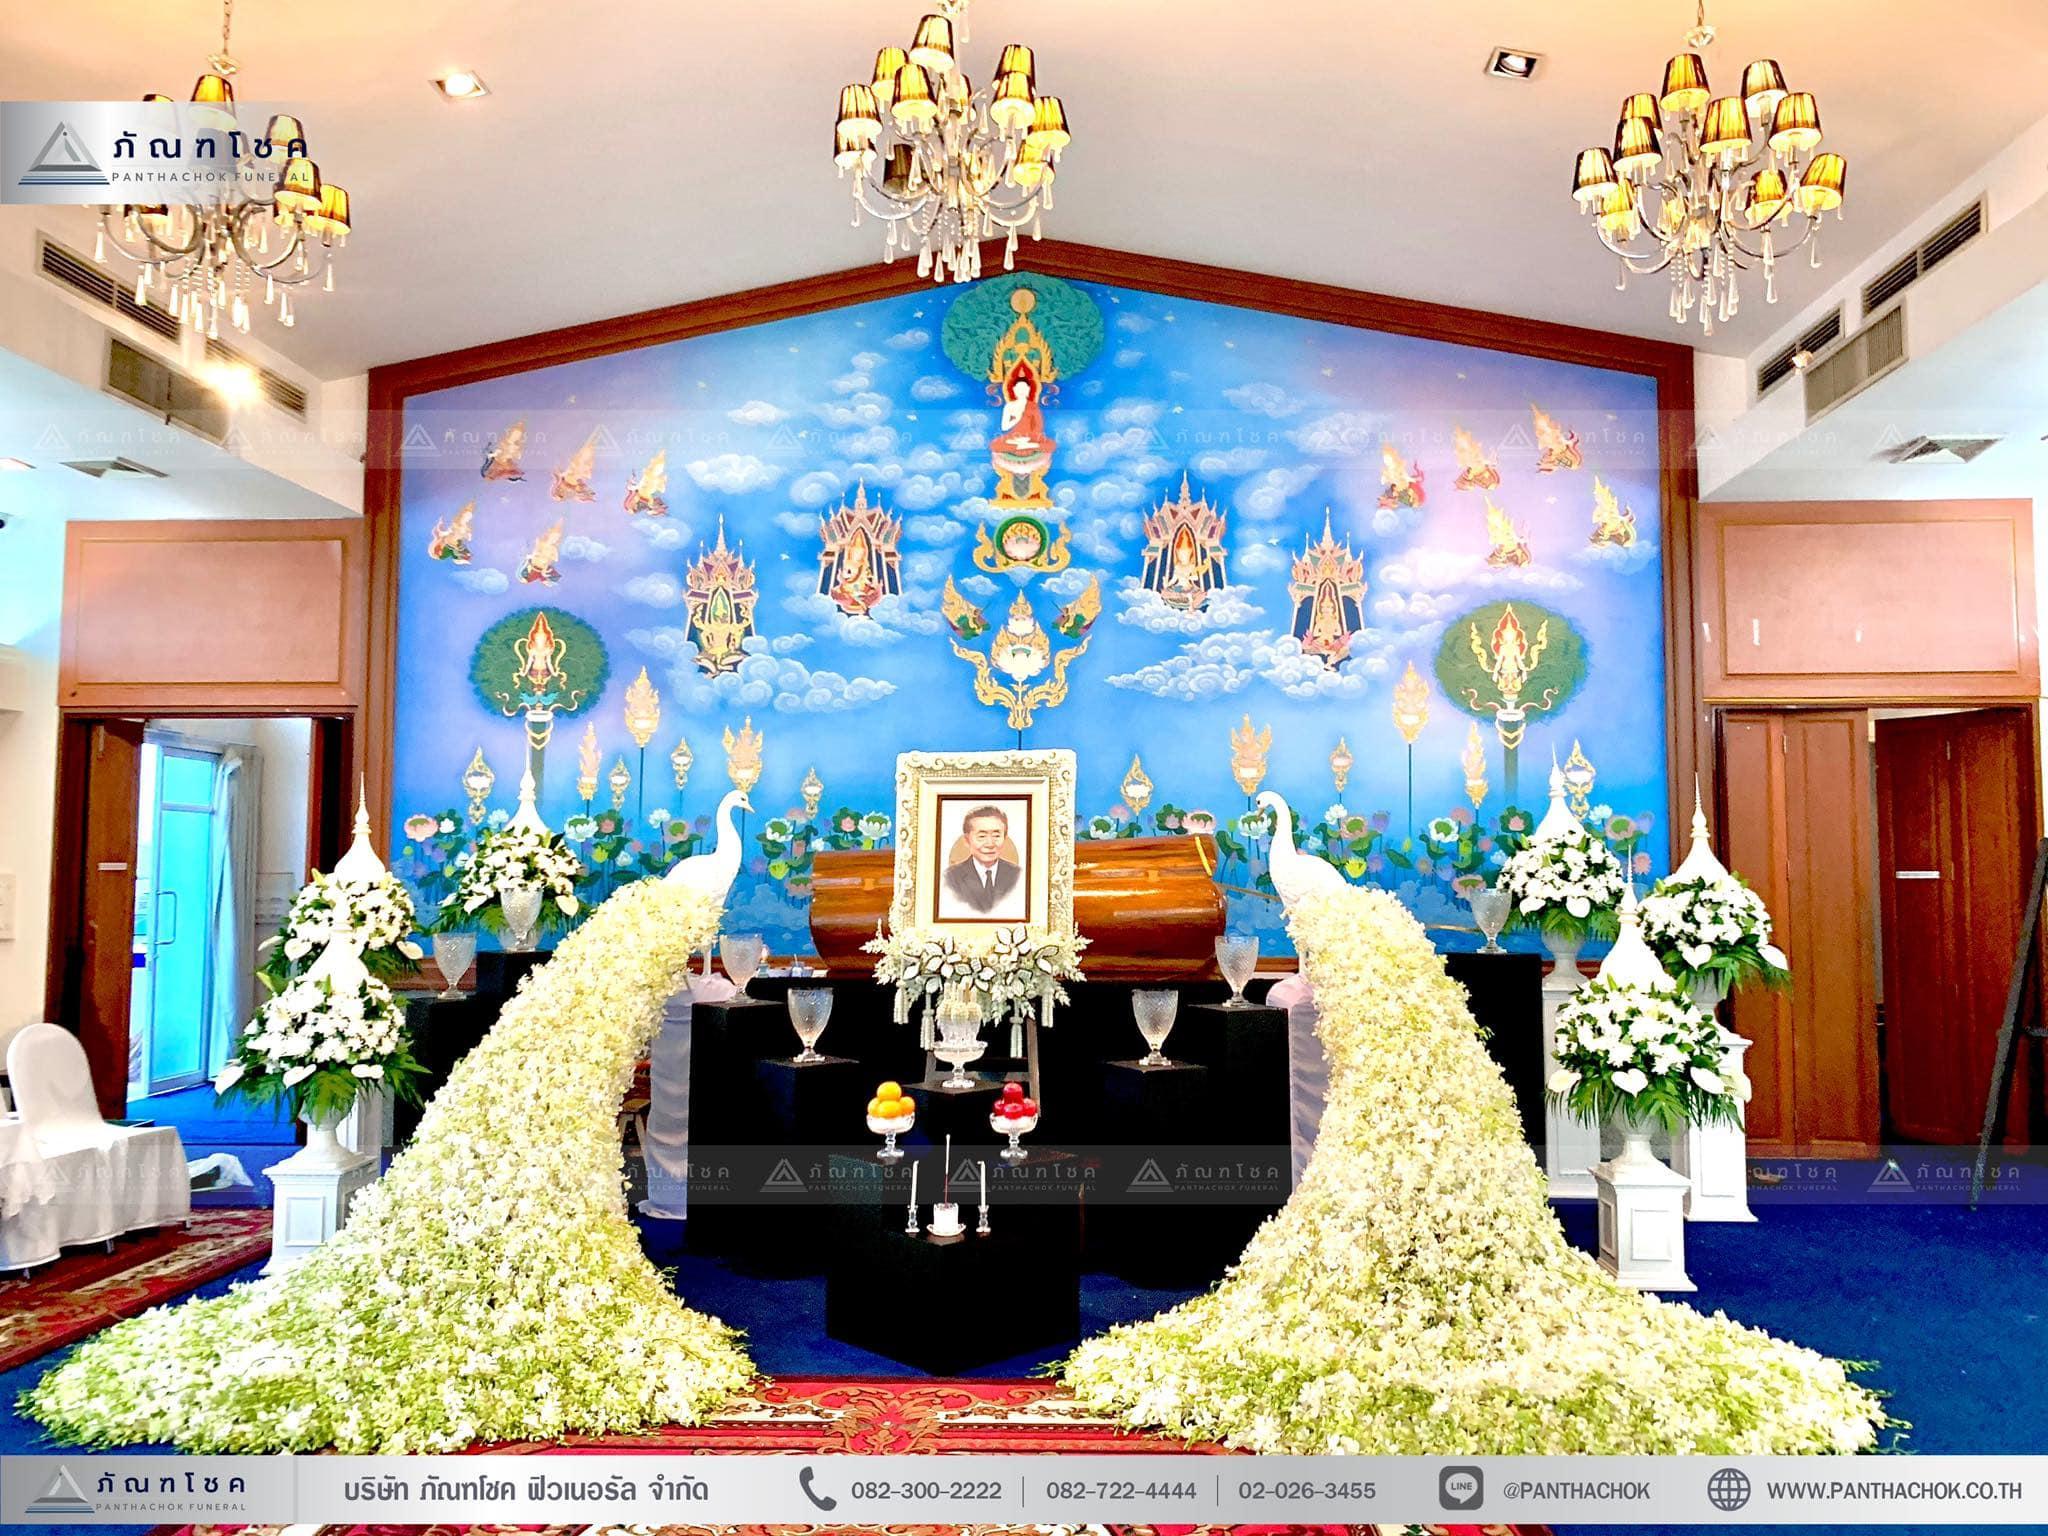 ดอกไม้งานศพรูปแบบโมเดิร์นผสานไทยประยุกต์ 1